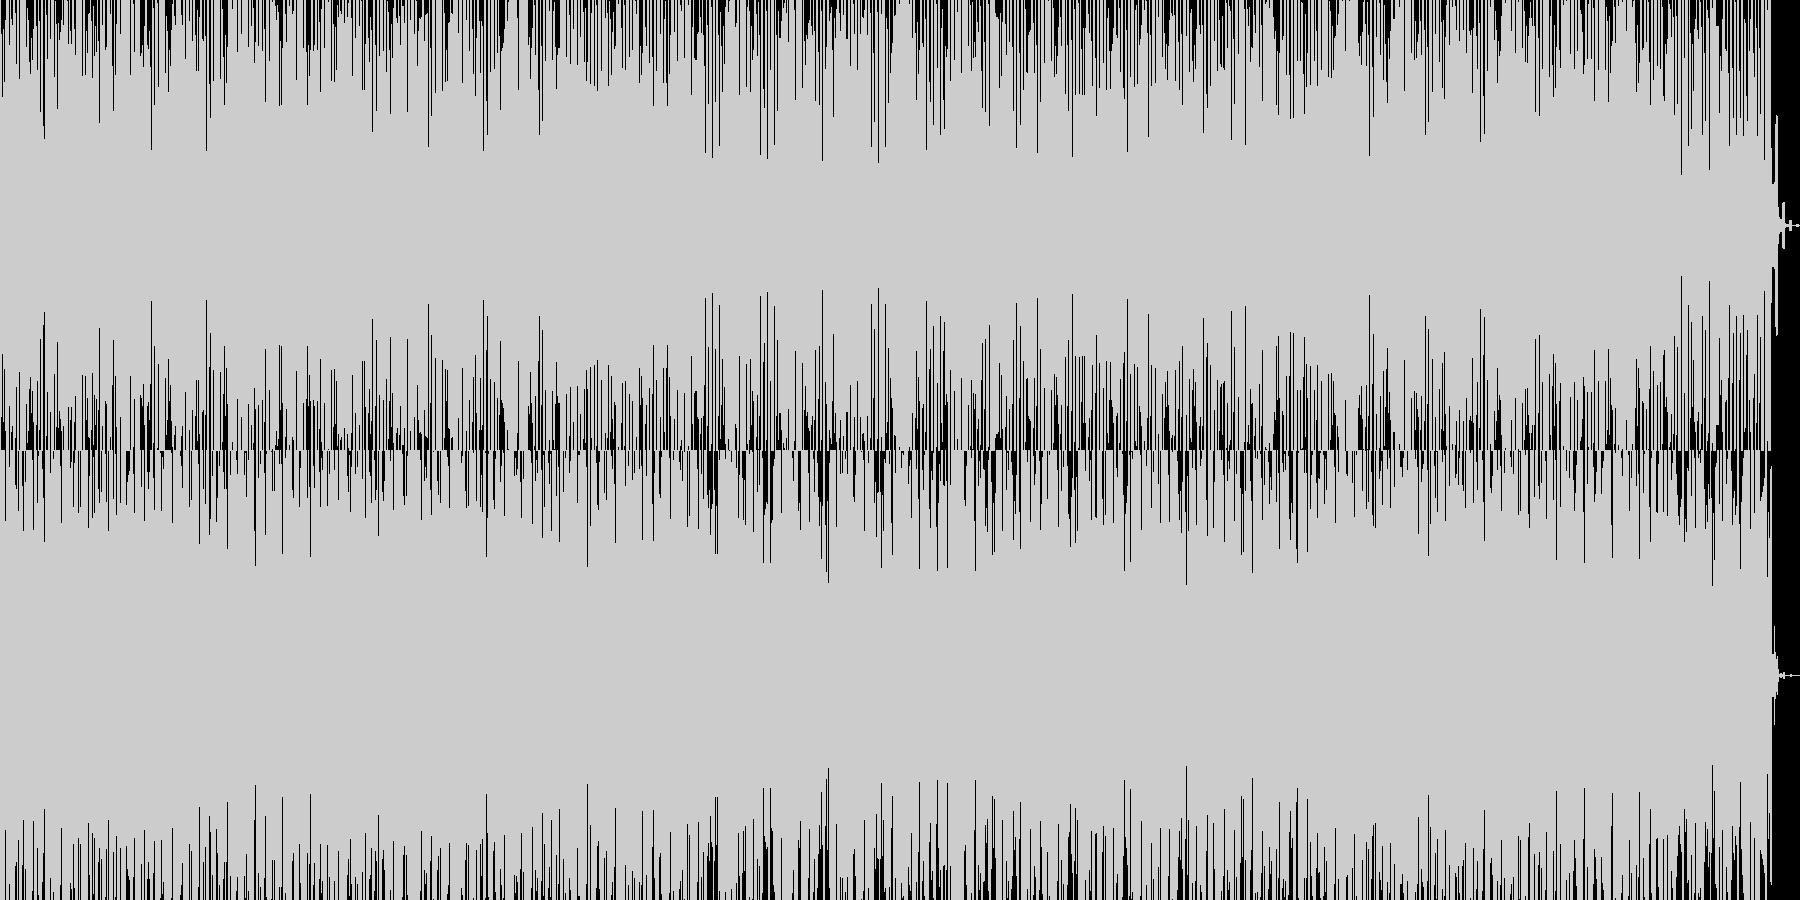 明るく程よいテンポのダンスミュージックの未再生の波形